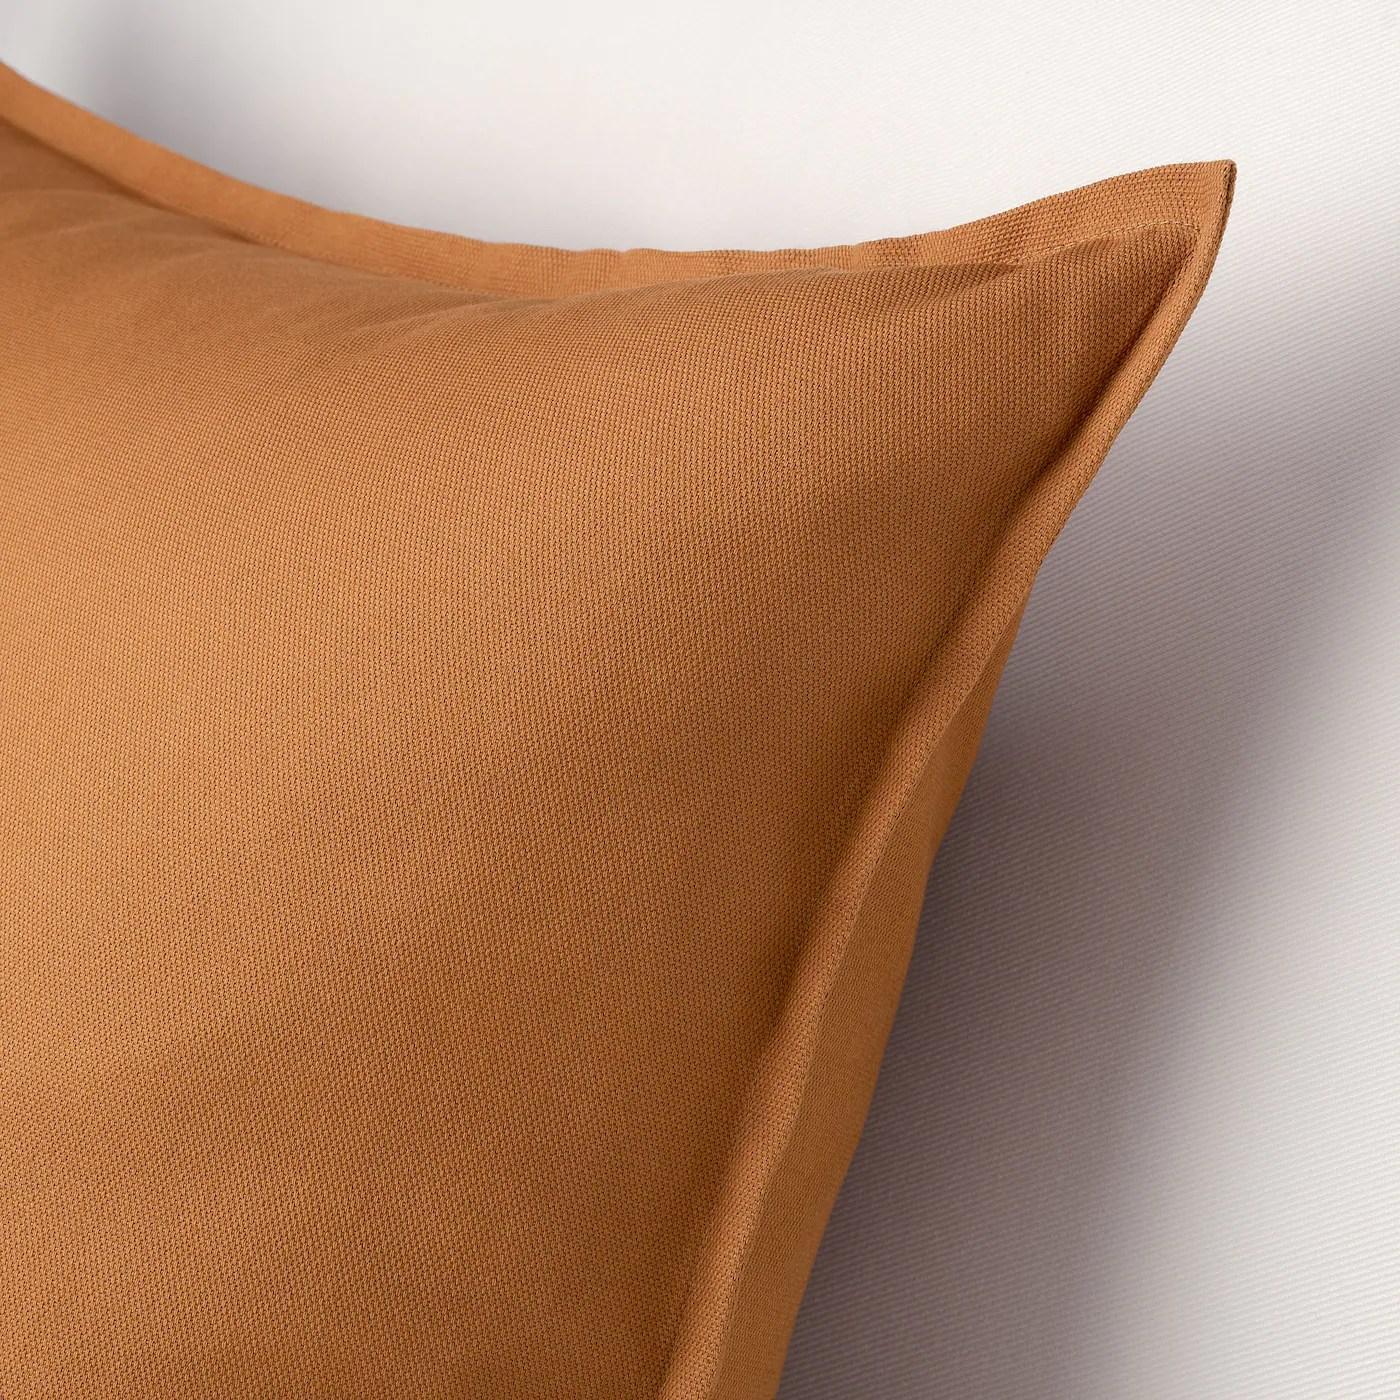 Gurli Housse De Coussin Brun Jaune 50x50 Cm Ikea